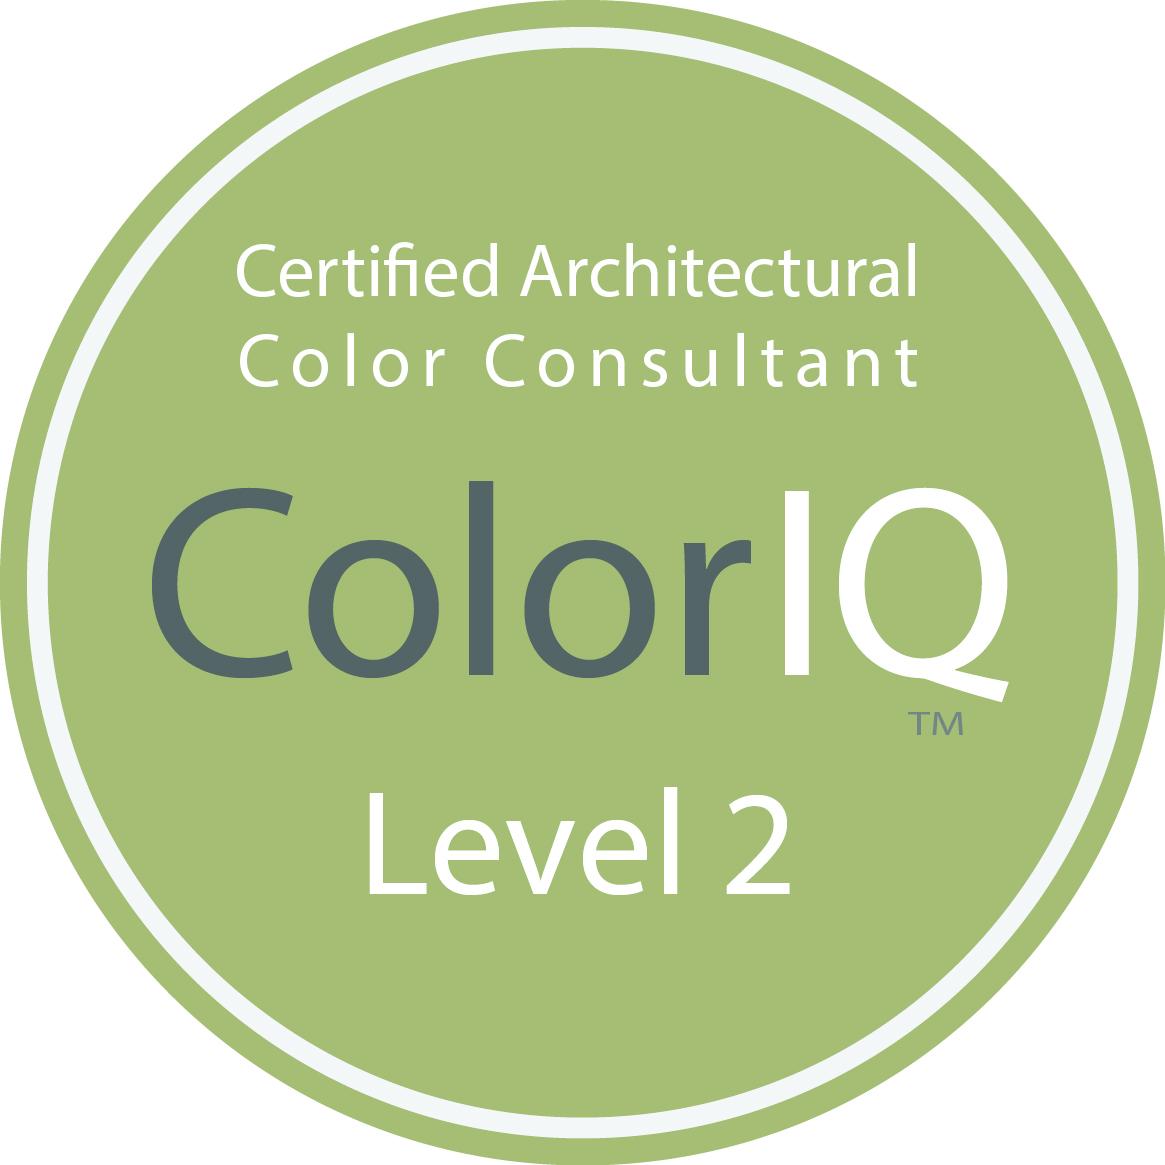 ColorIQ Level 2